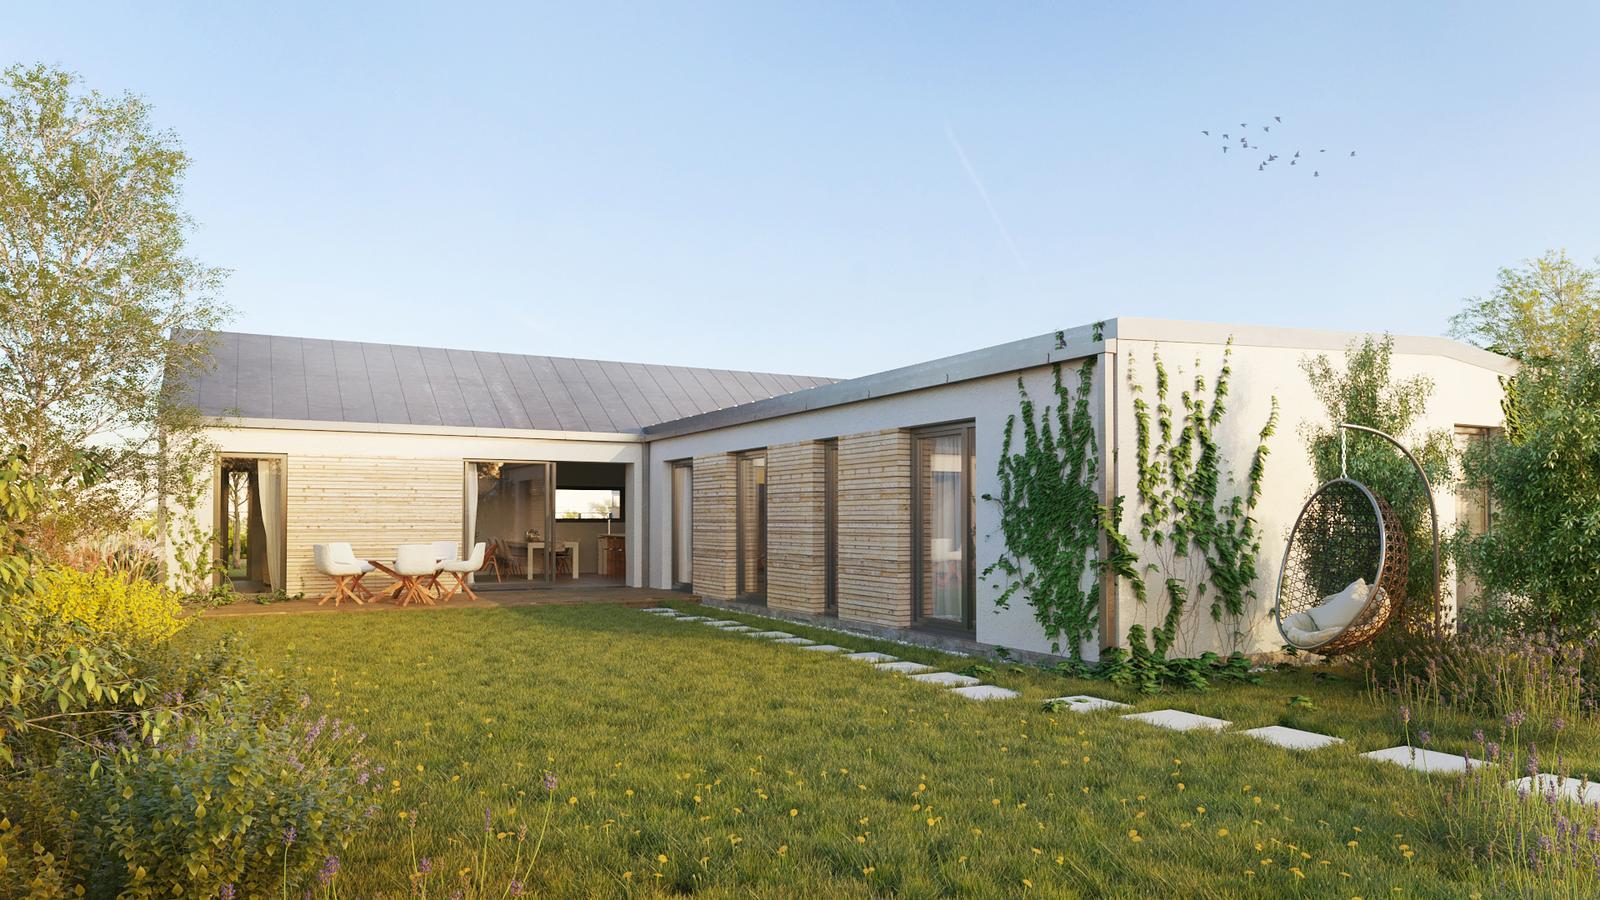 Nové bydlení ve městě - původní vizualizace domu ze zadní strany